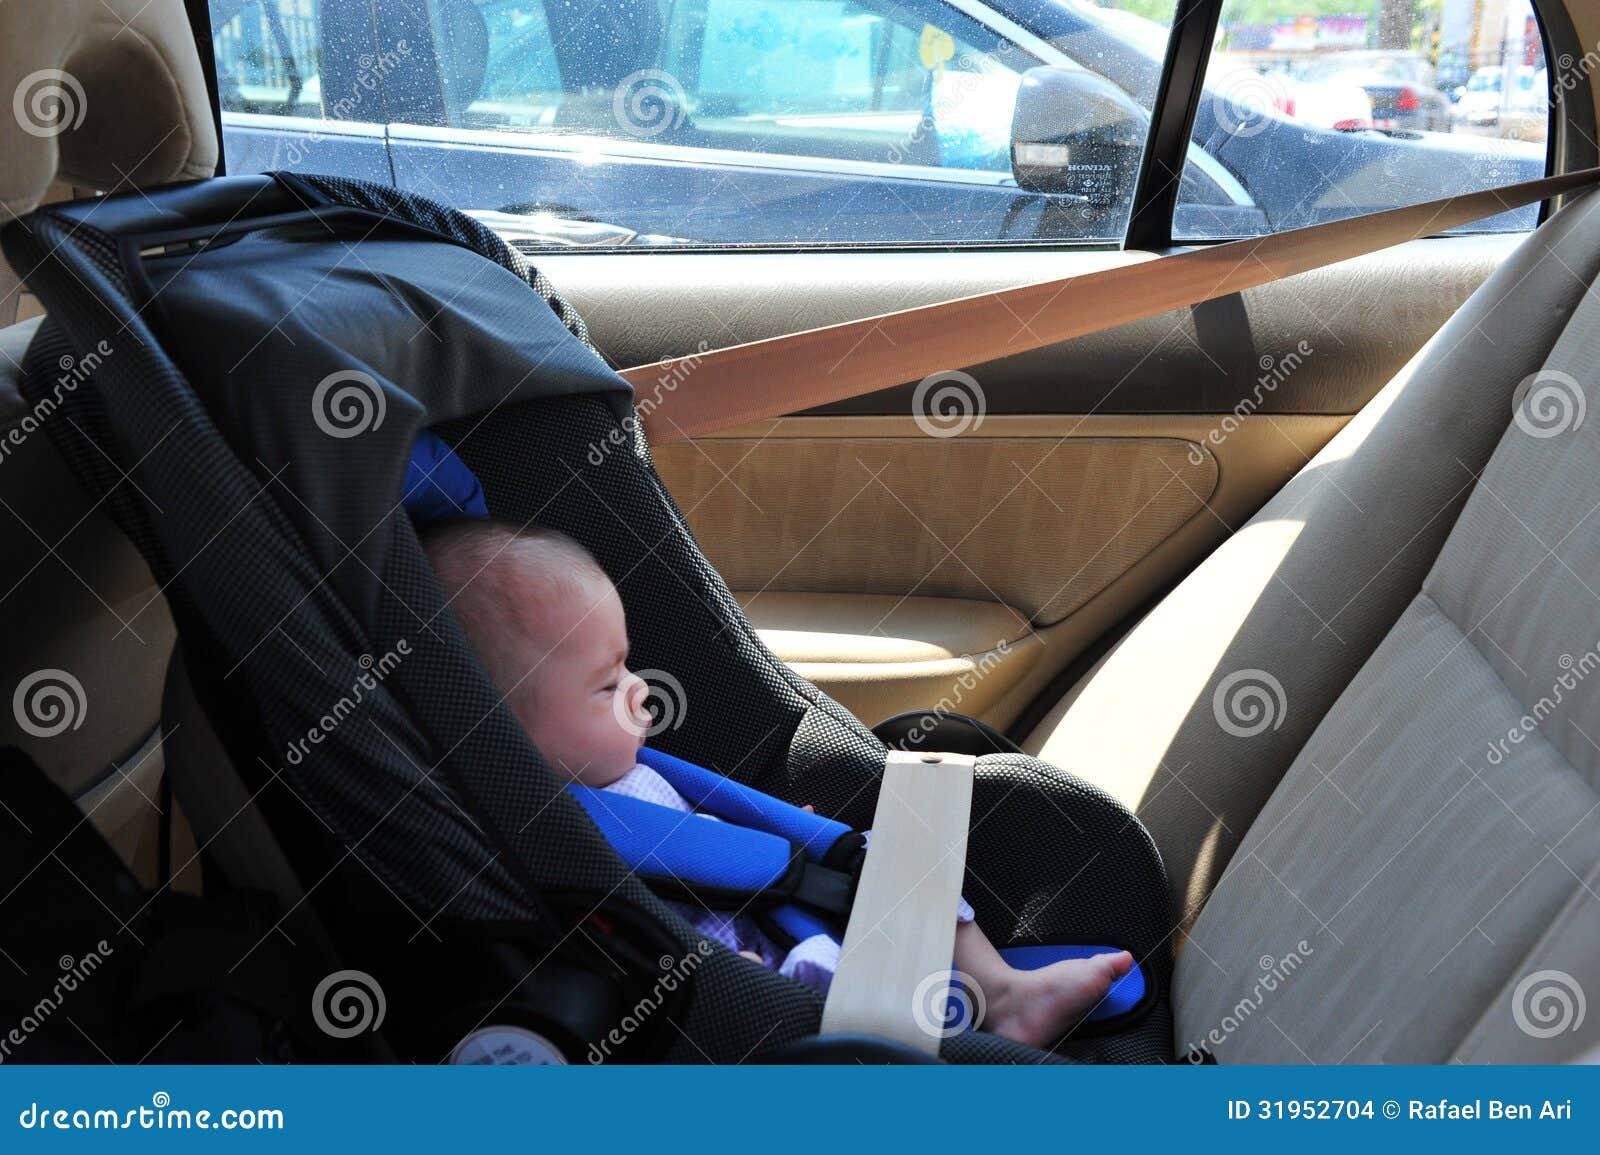 Child neglect - Heat Stroke